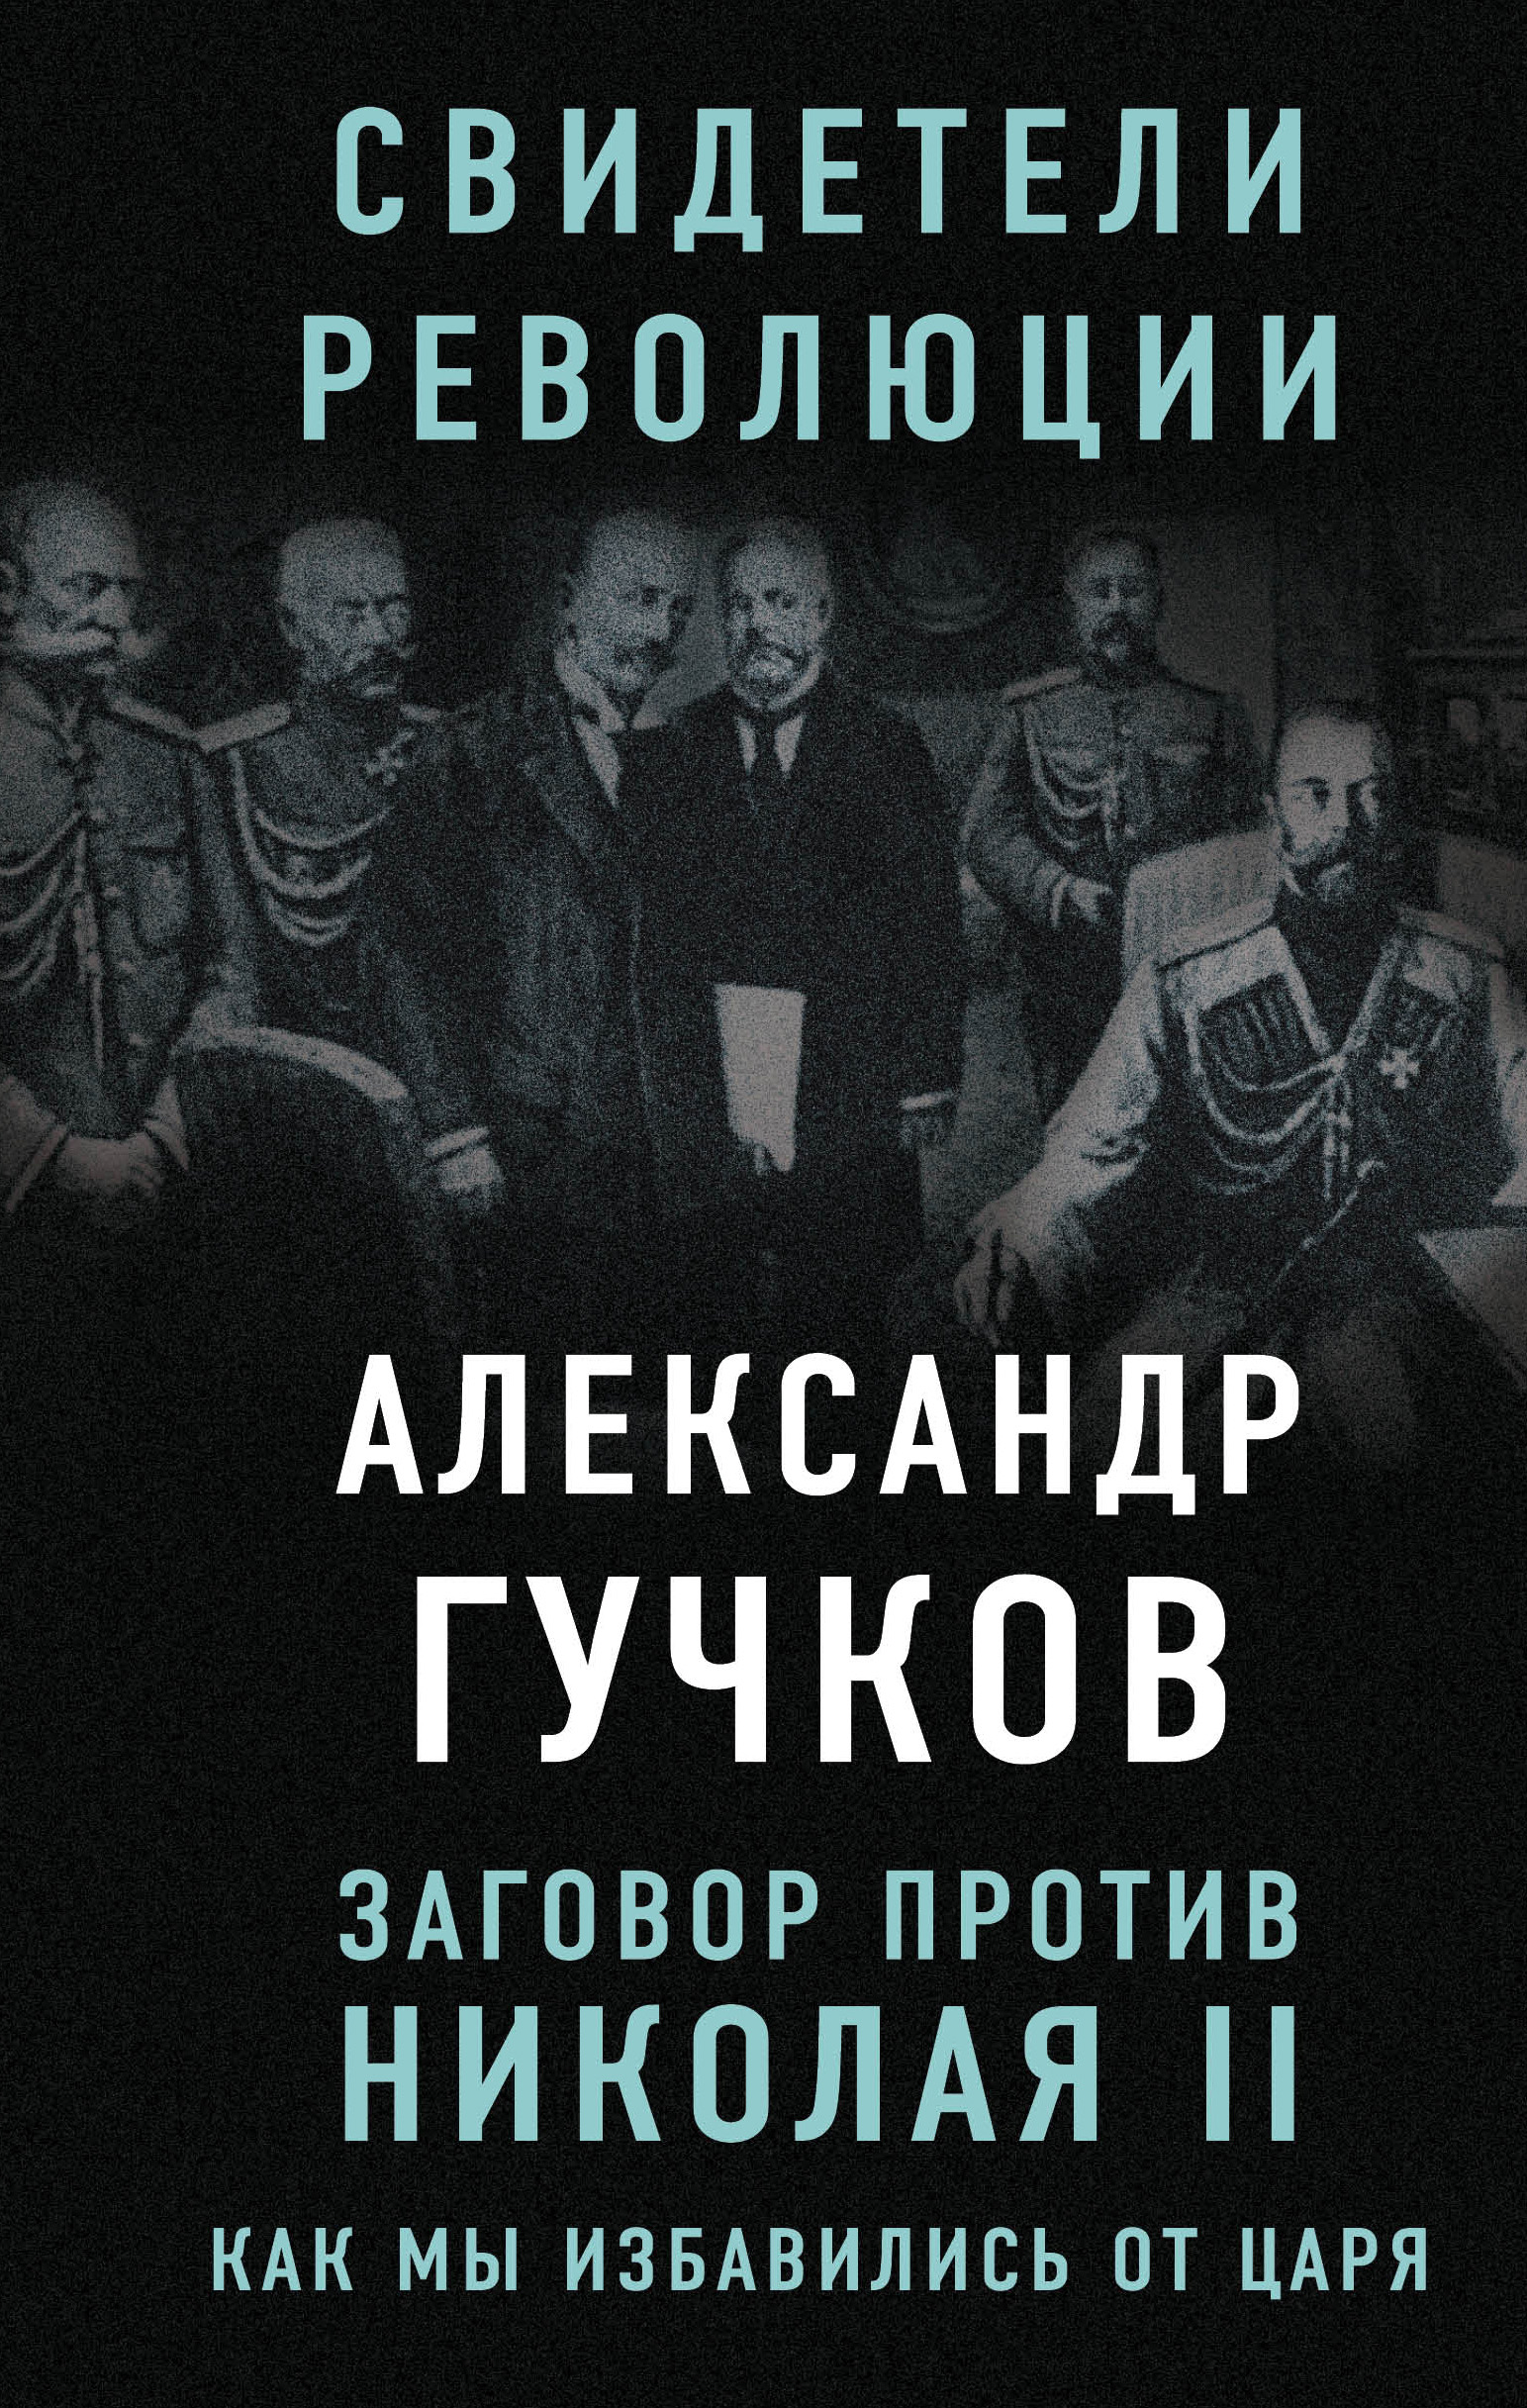 Заговор против Николая II. Как мы избавились от царя